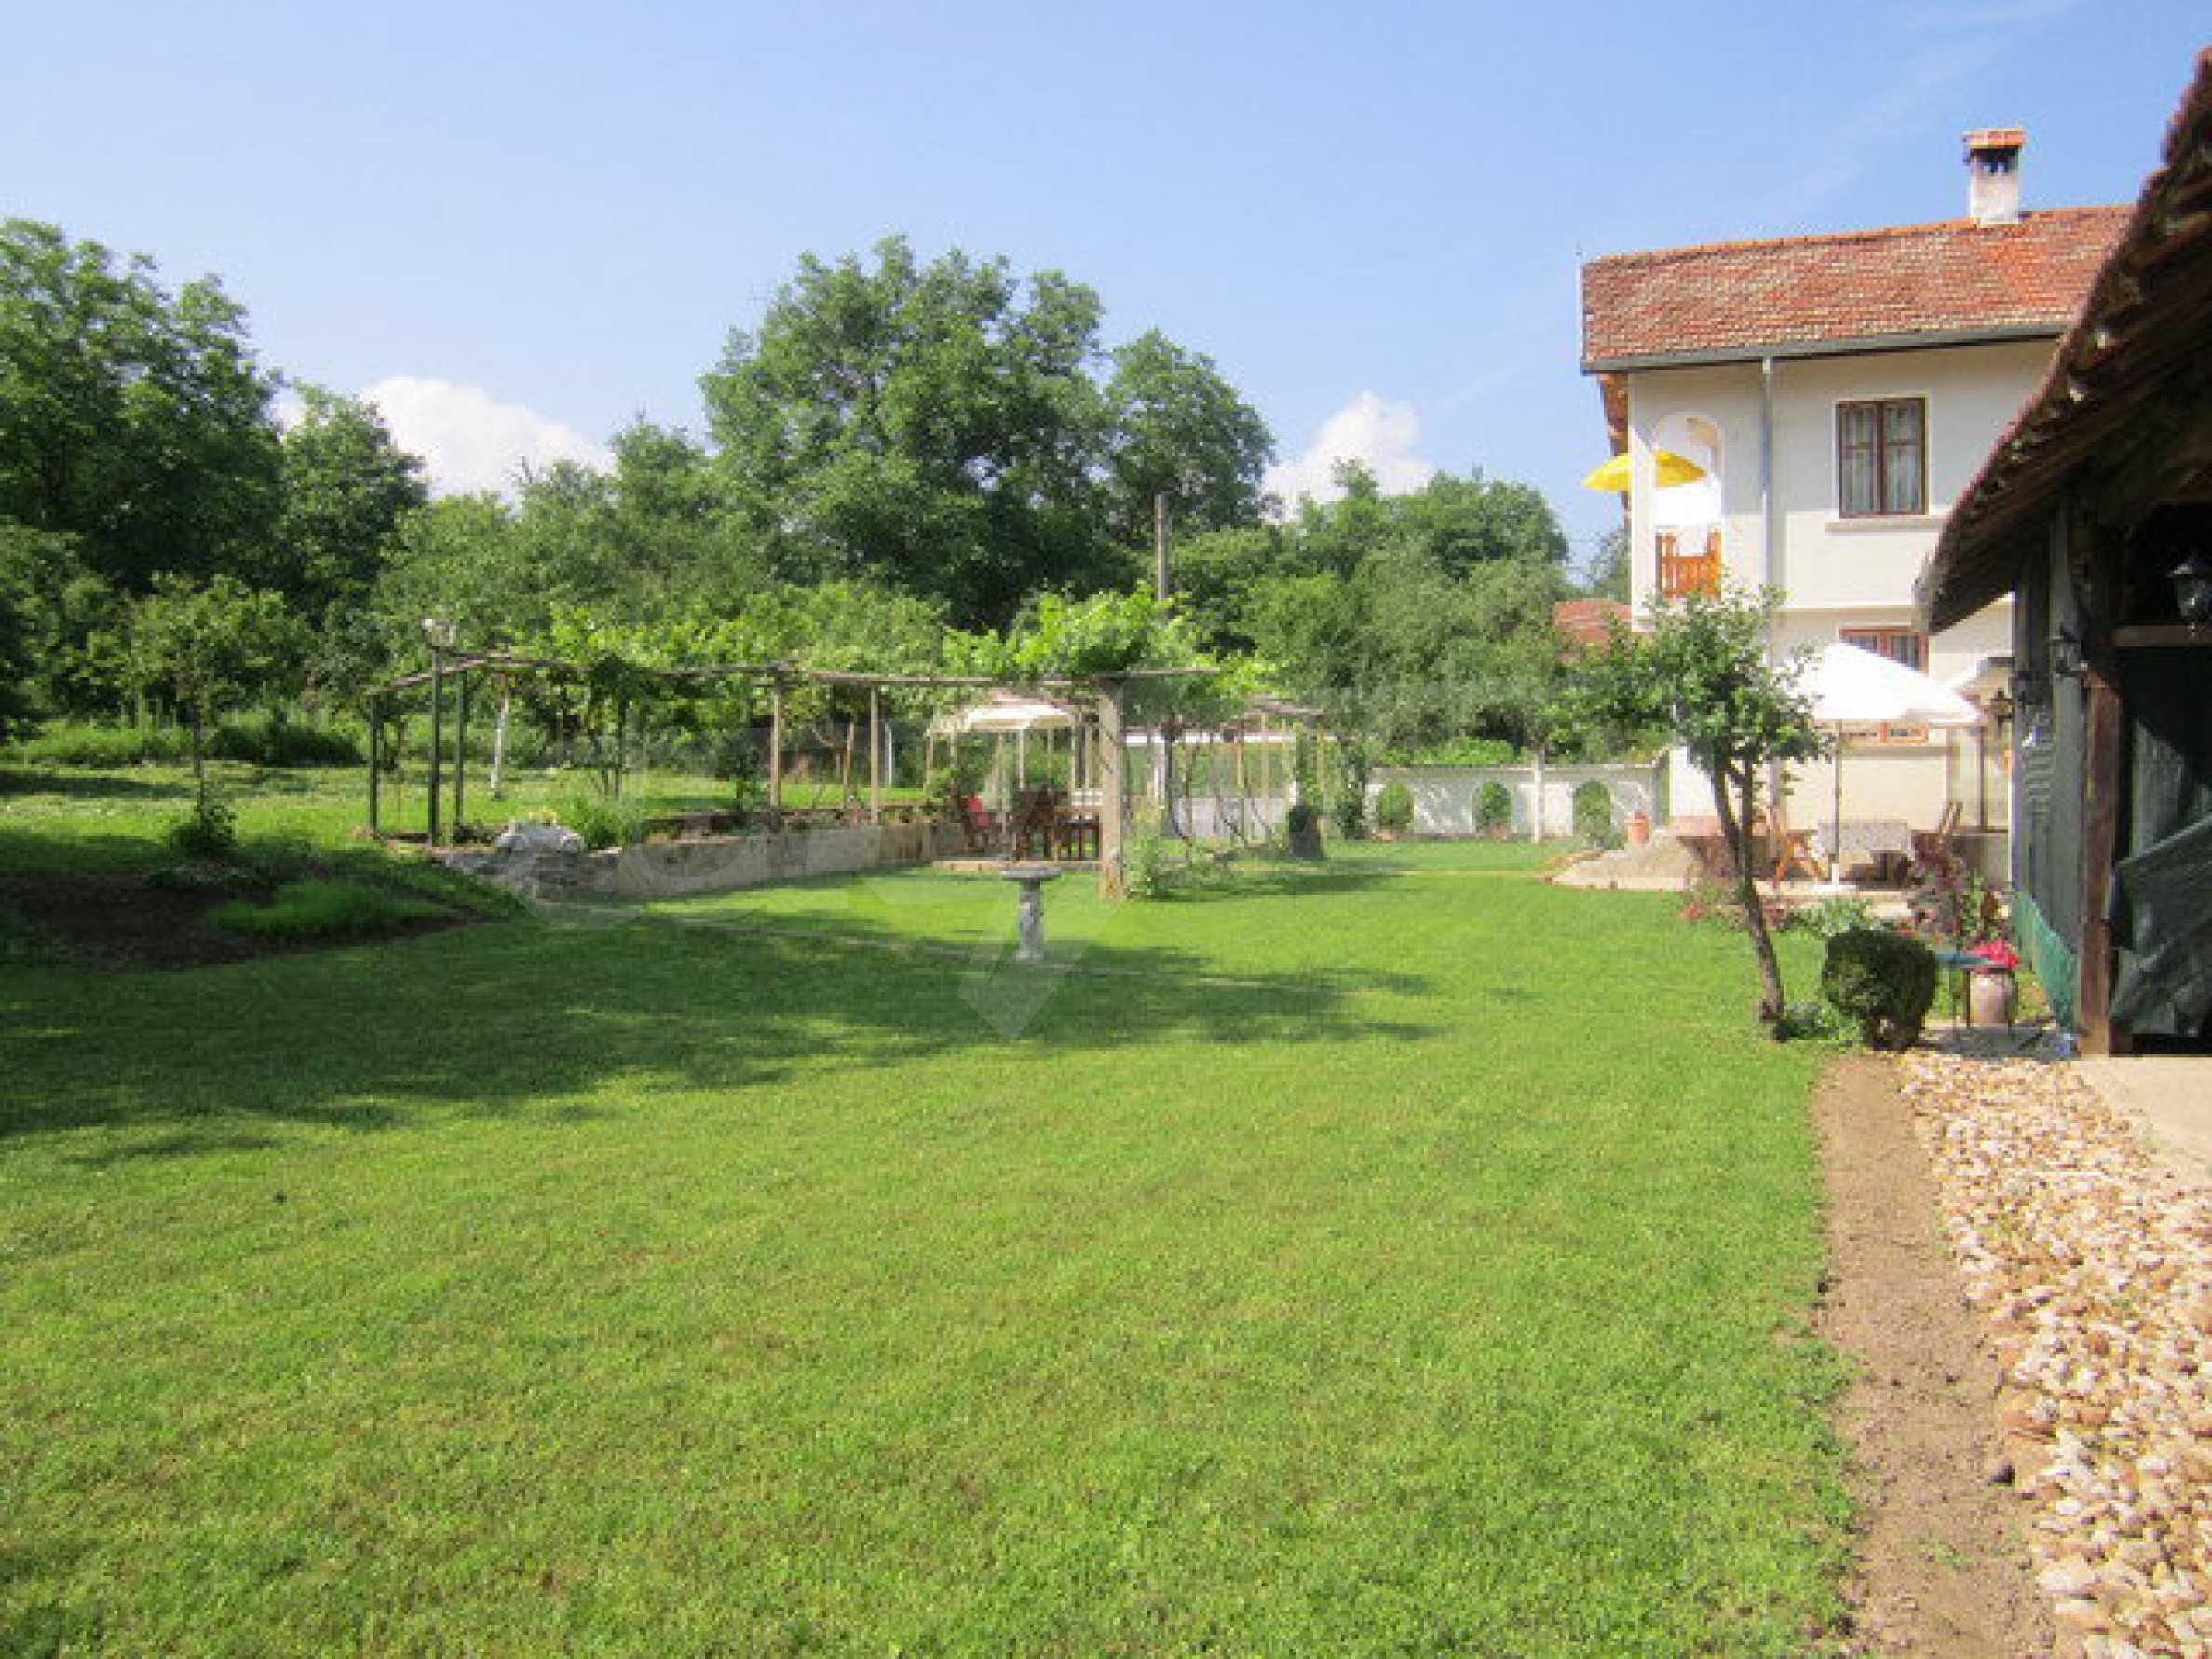 Geräumiges ländliches Anwesen mit einem Garten 20 km. von Veliko Tarnovo 1